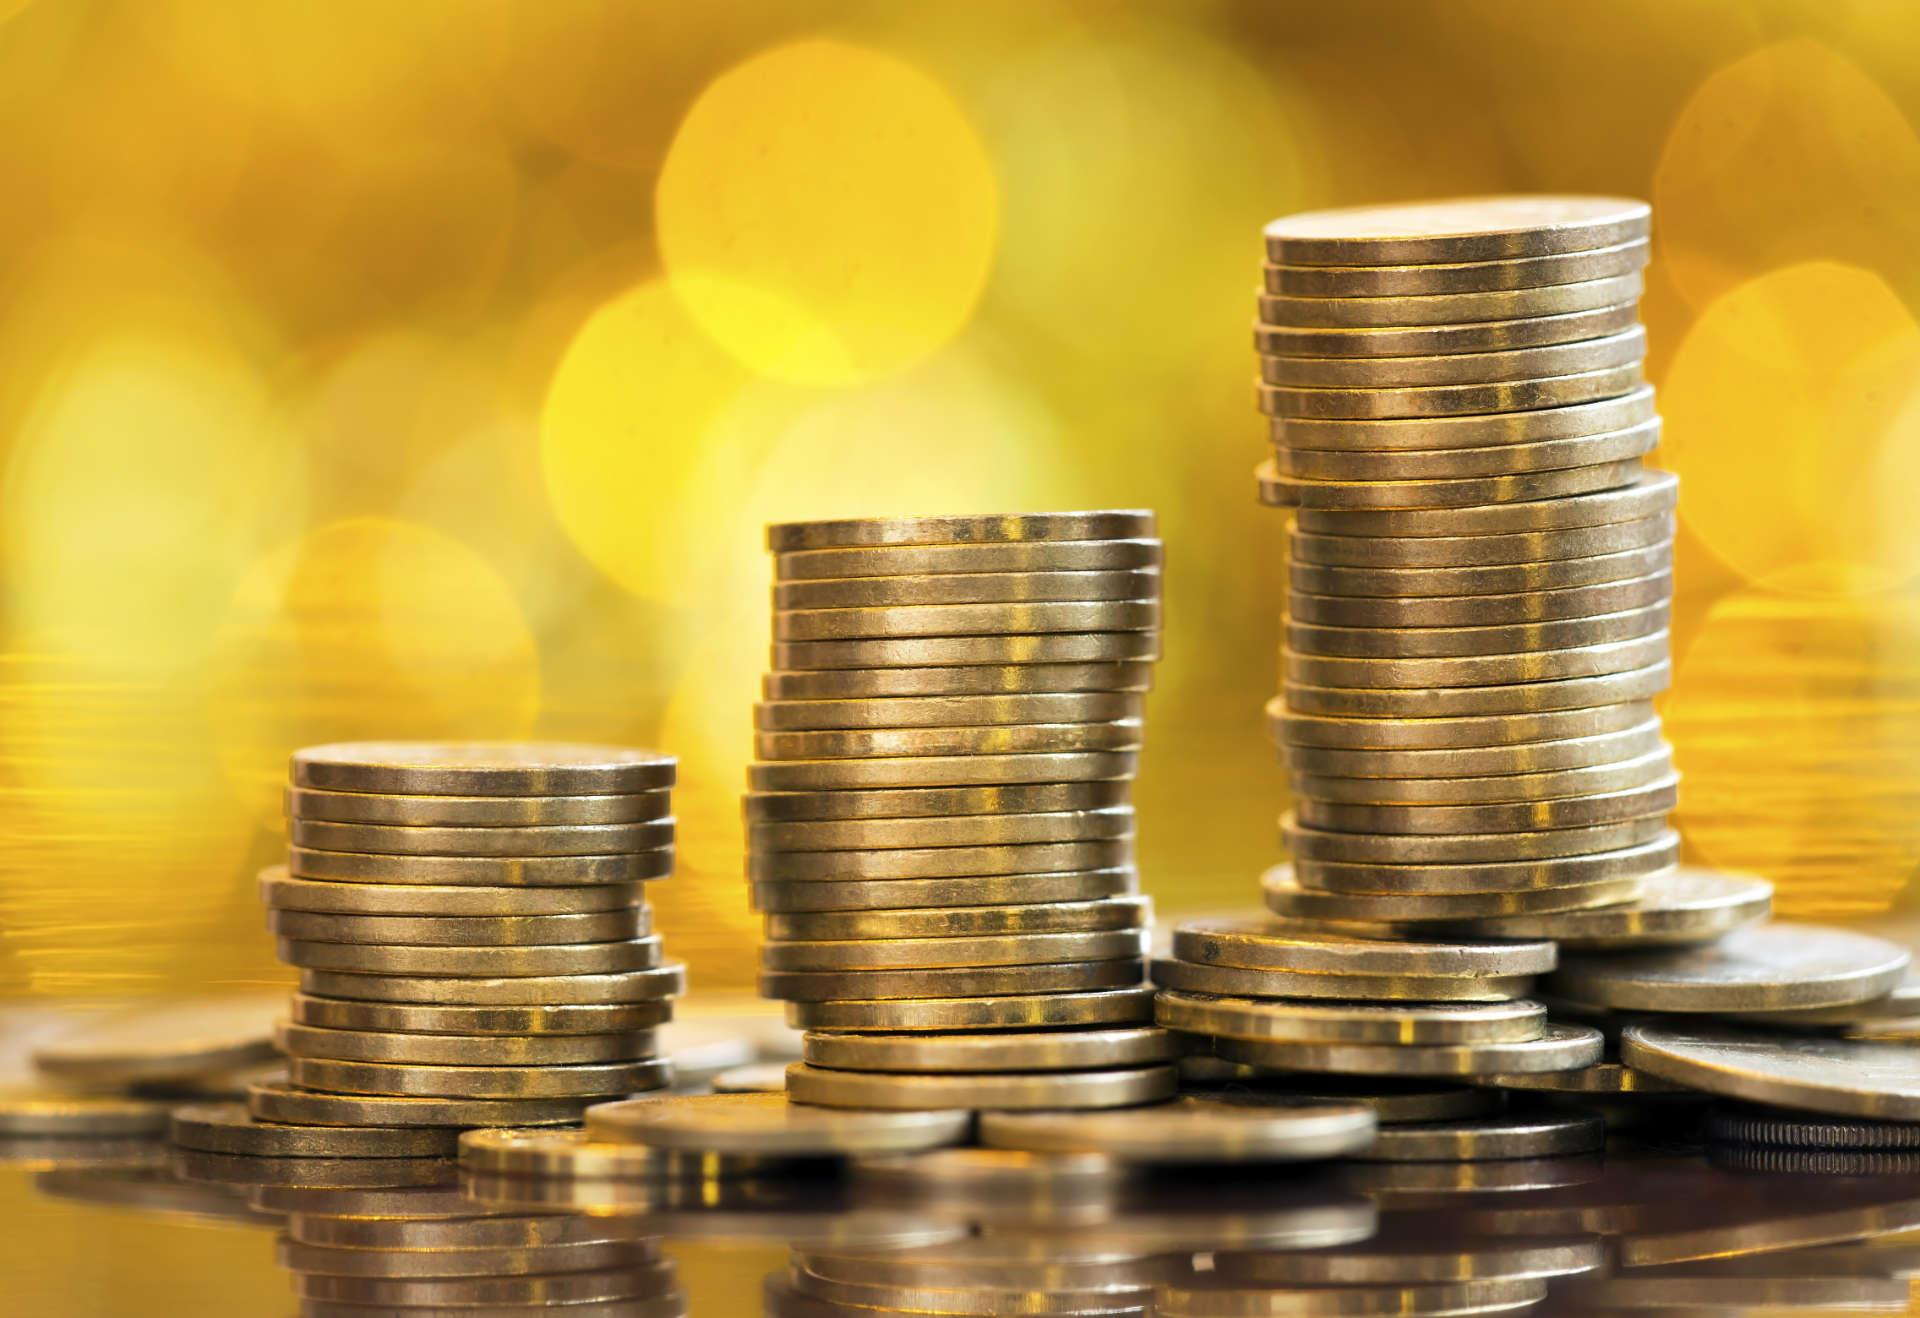 hogyan lehet sok pénzt keresni a vállalkozásával nagy pénzt keresni online